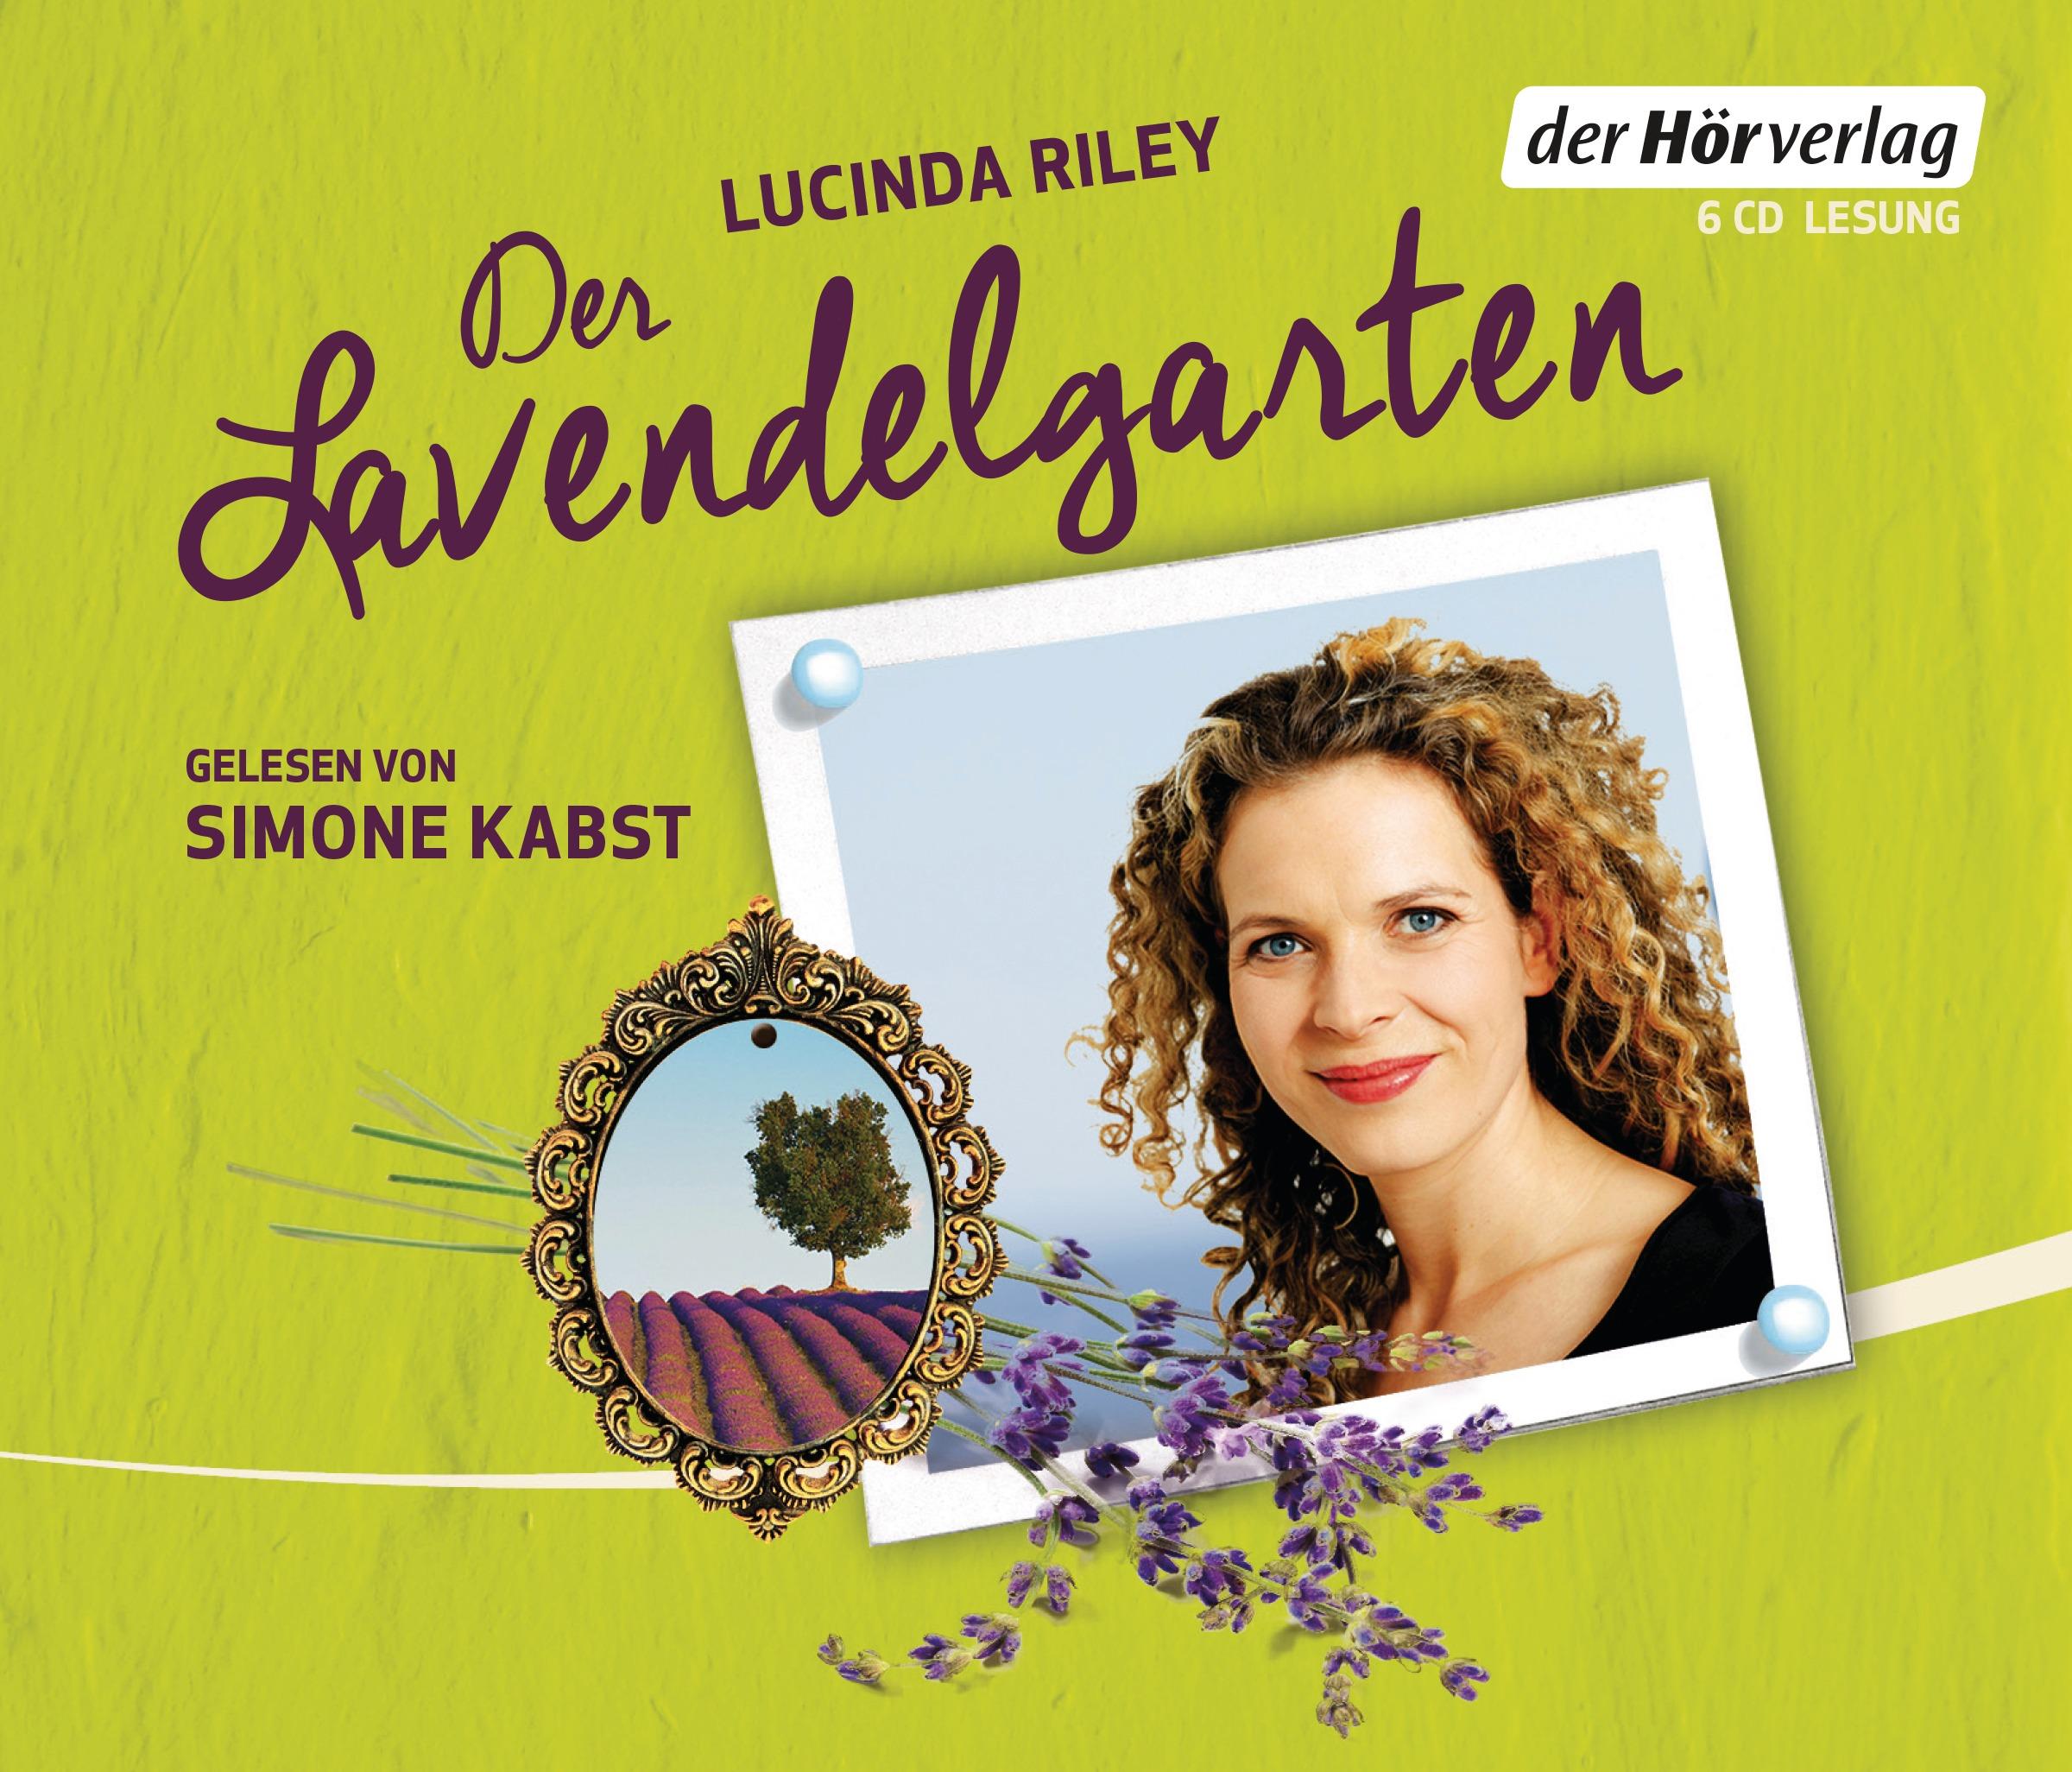 Der Lavendelgarten - Lucinda Riley [6 Audio CDs]